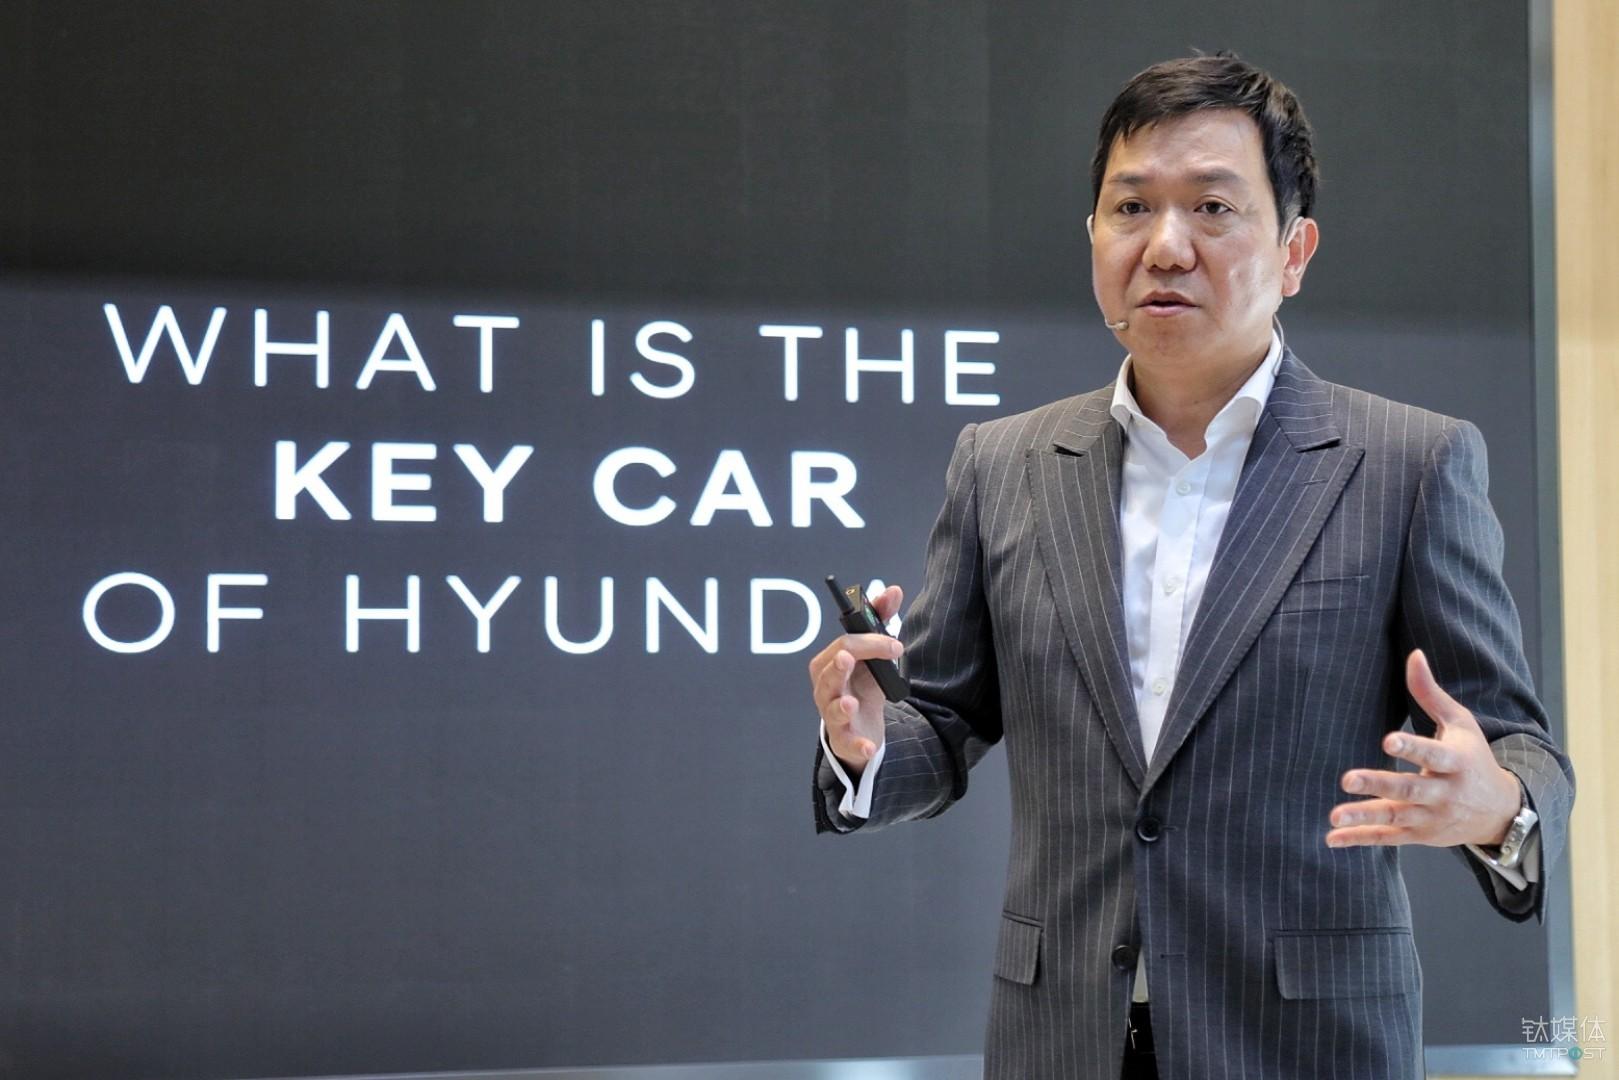 大黄蜂设计师掌舵,未来现代汽车绝不做套娃设